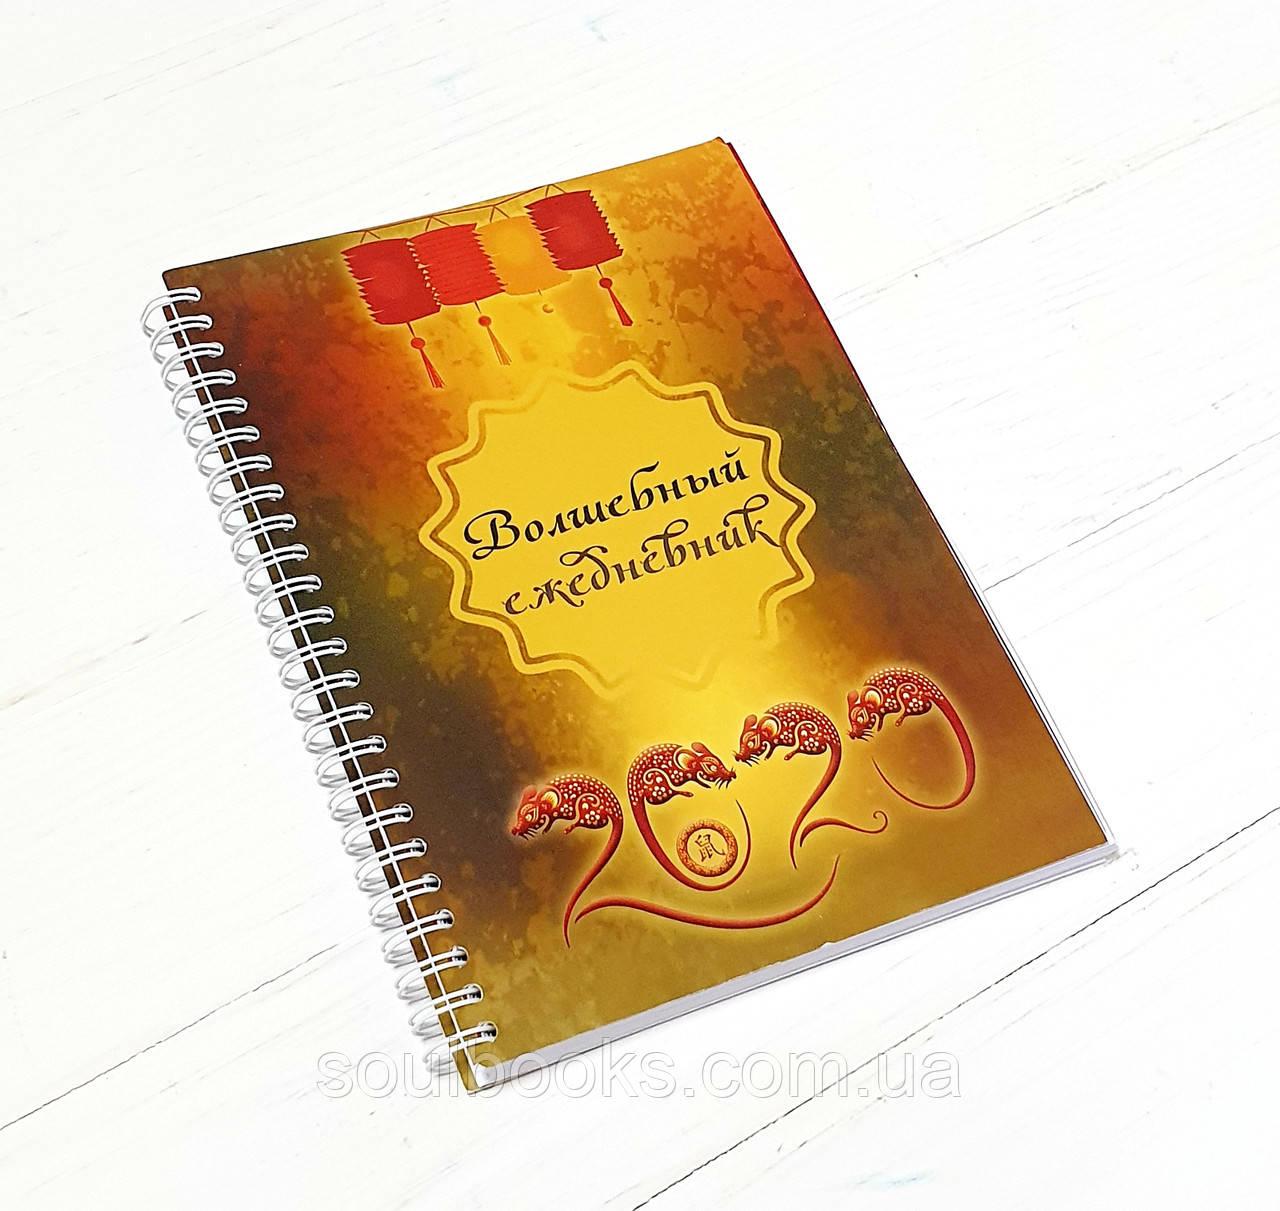 Чарівний щоденник. Єва Митник